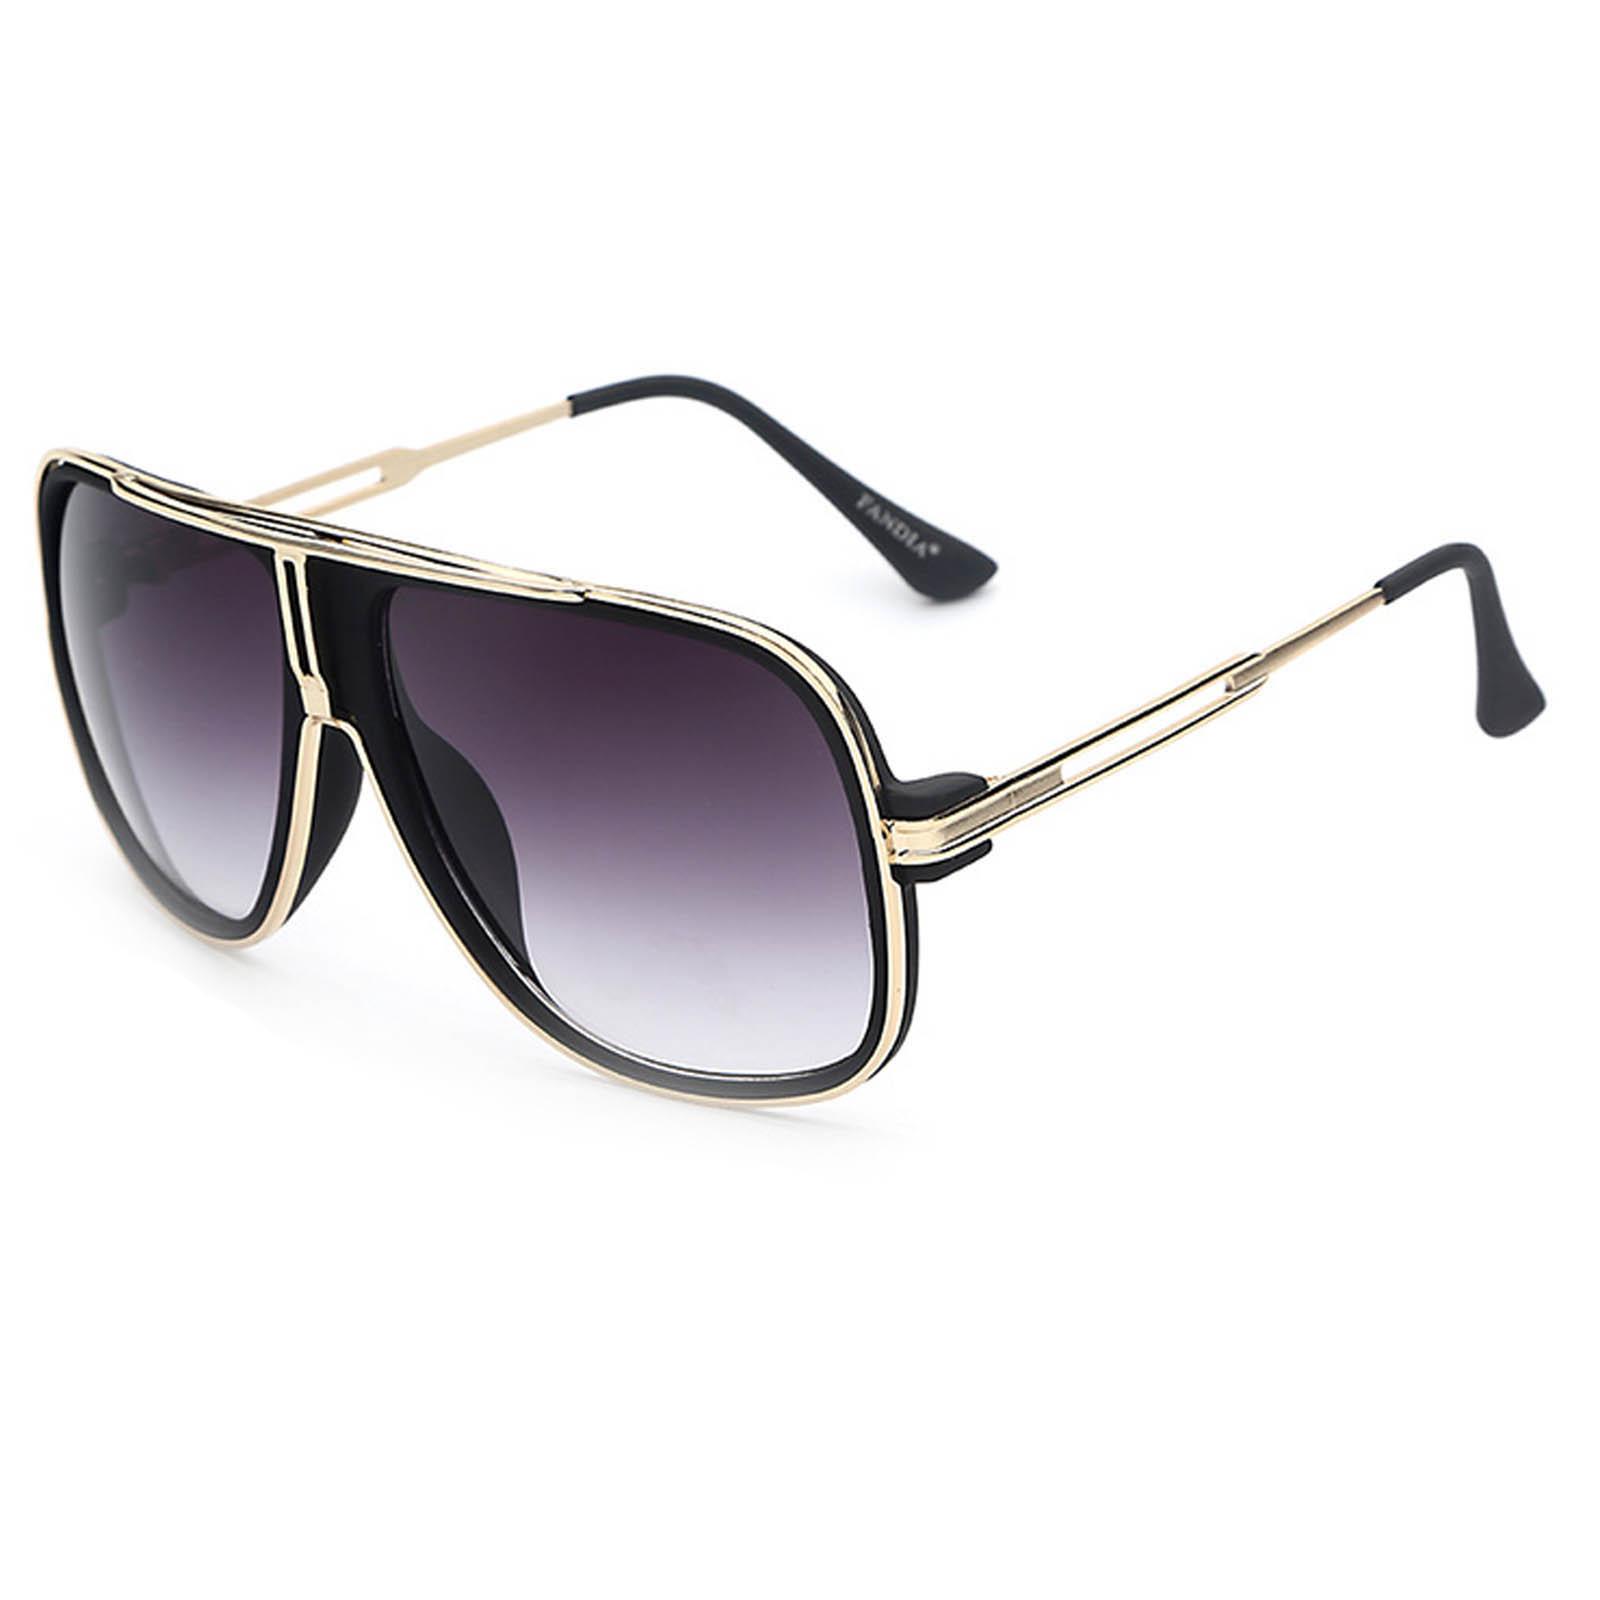 OWL ® 023 C2 Square Eyewear Sunglasses Women's Men's Metal Black Frame Smoke Lens One Pair